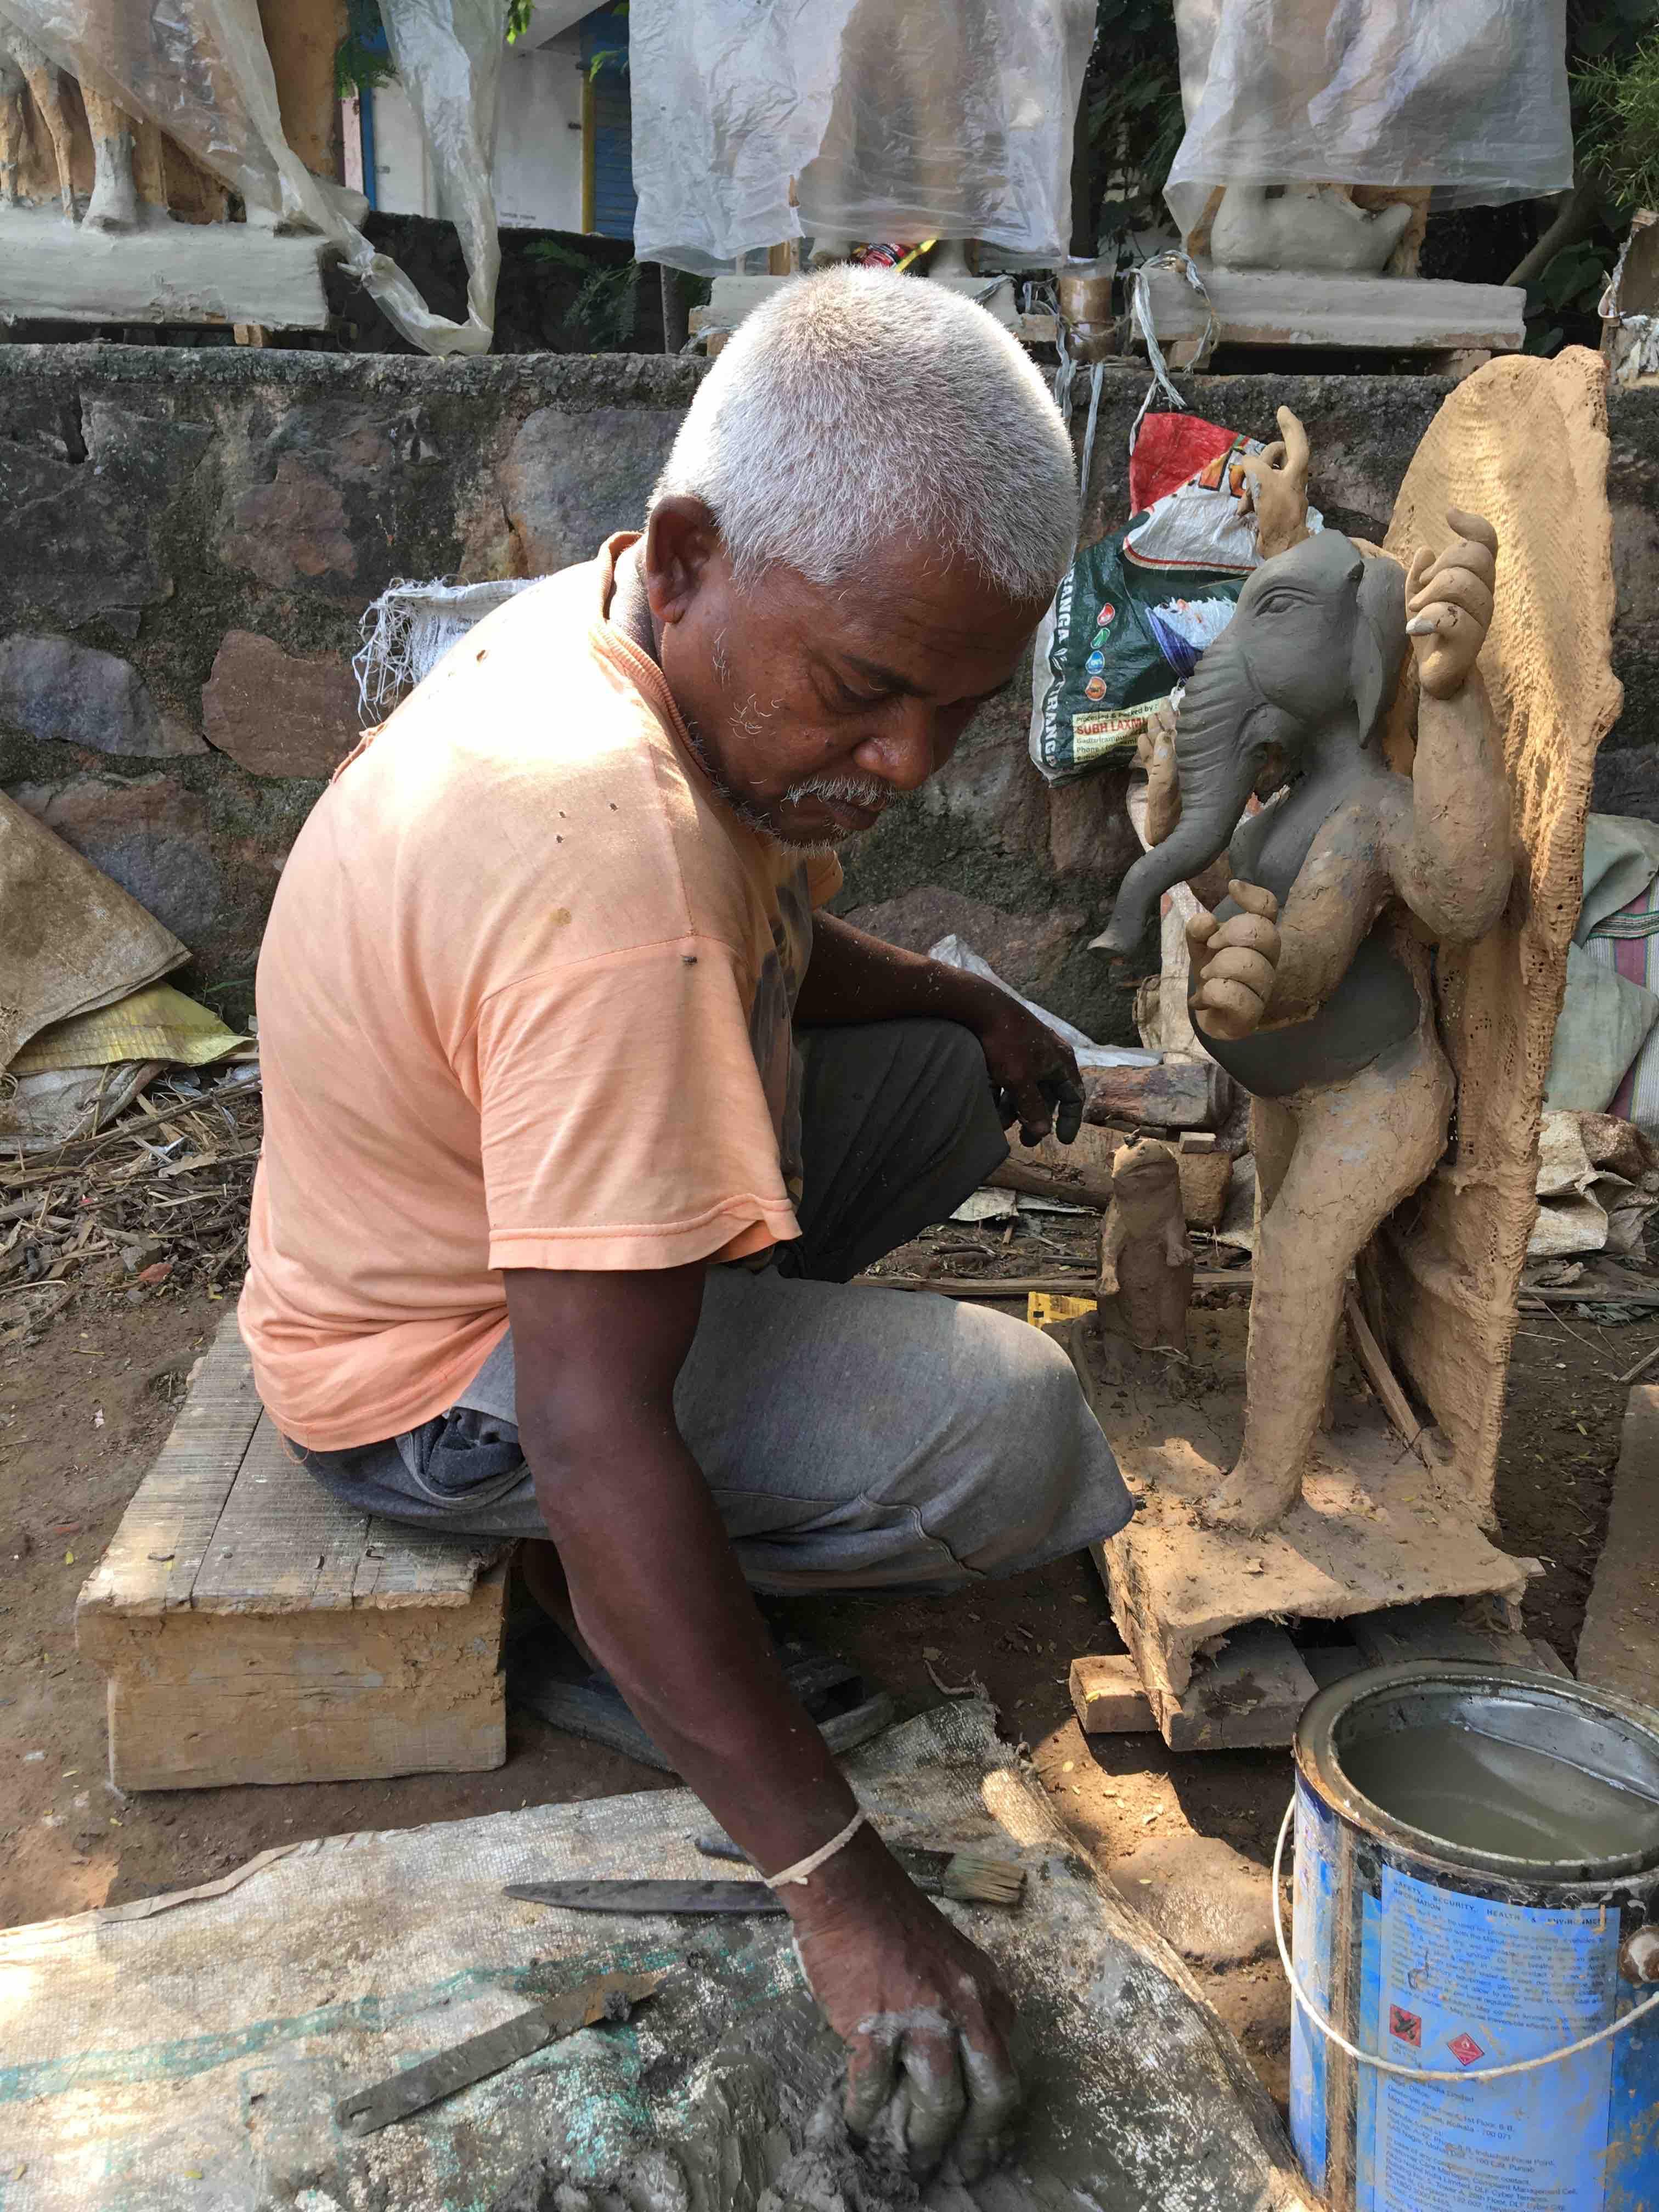 Tapan Malakar: The master at work. Credit: Revathi Krishnan